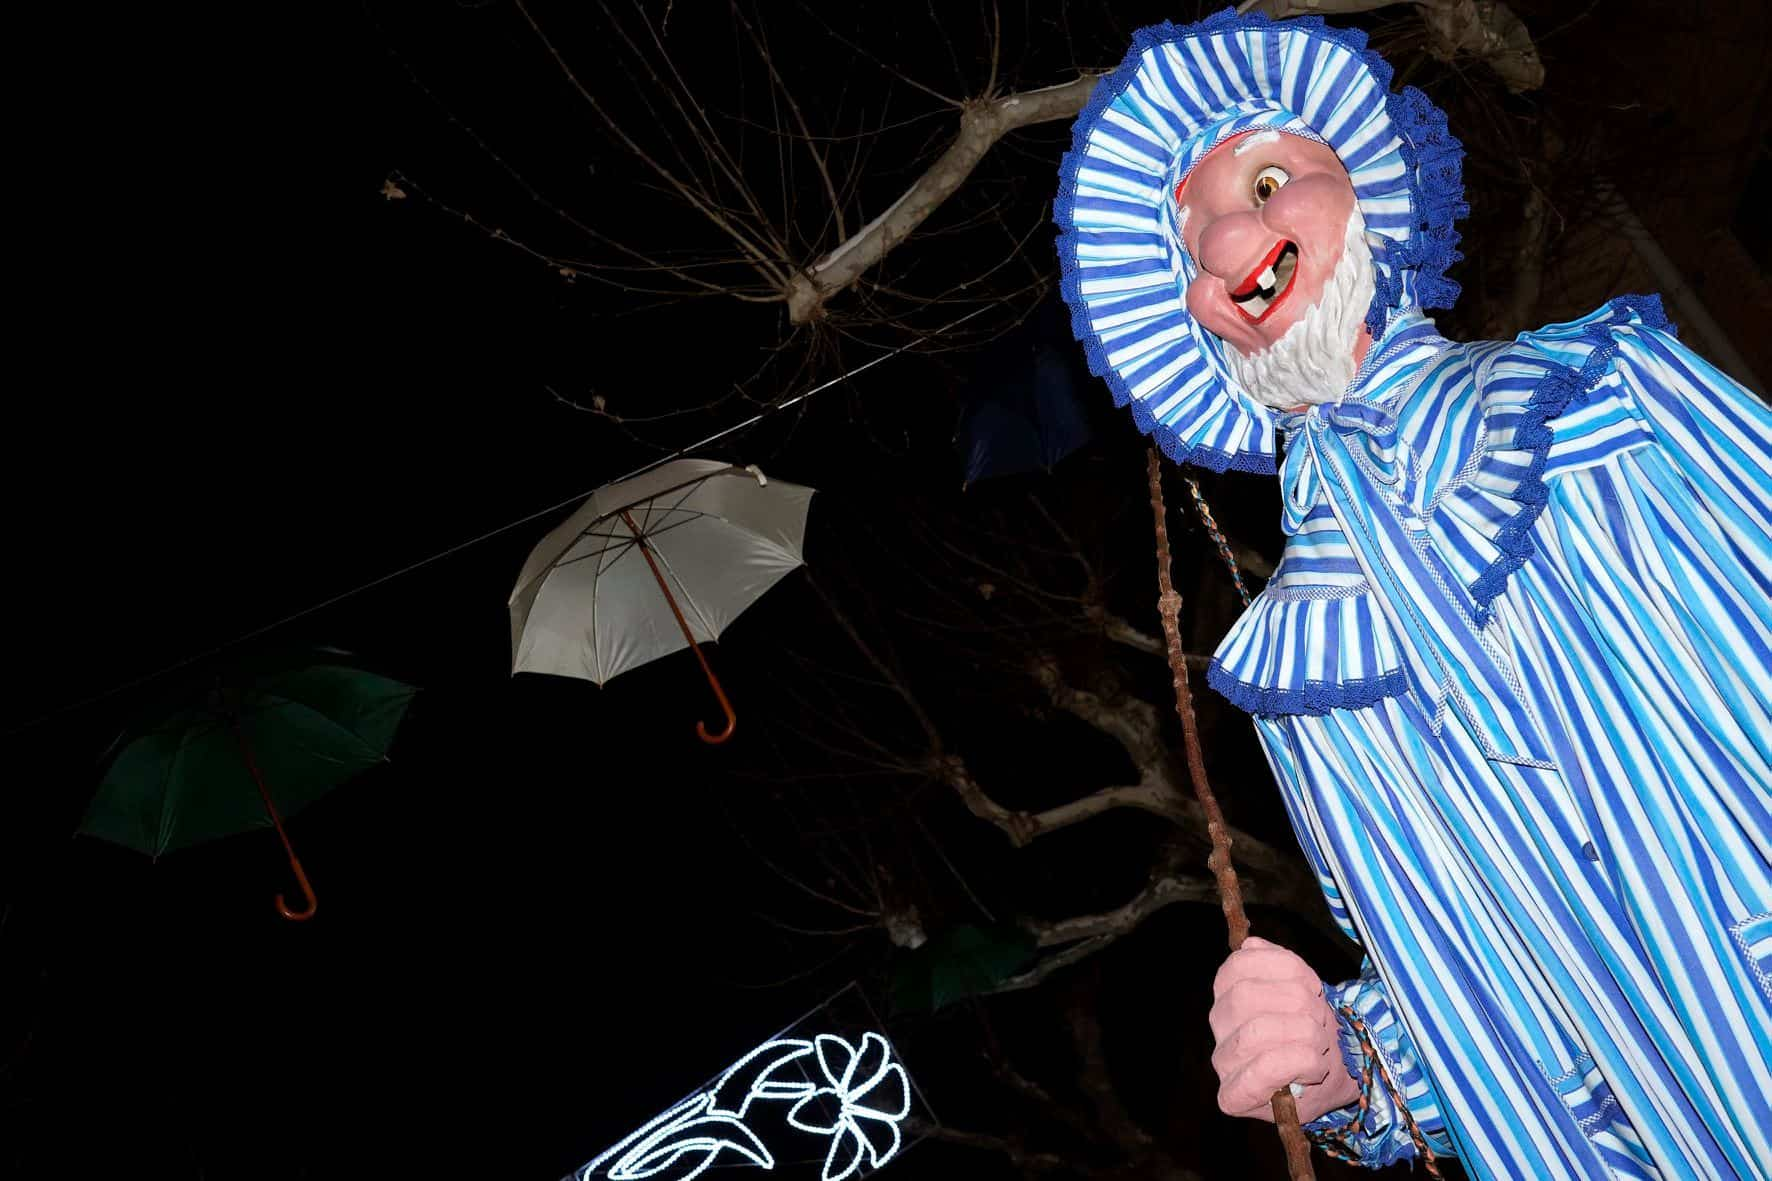 carnaval herencia 2020 viernes prisillas 2 - Viernes de Prisillas 2020 del Carnaval en imágenes